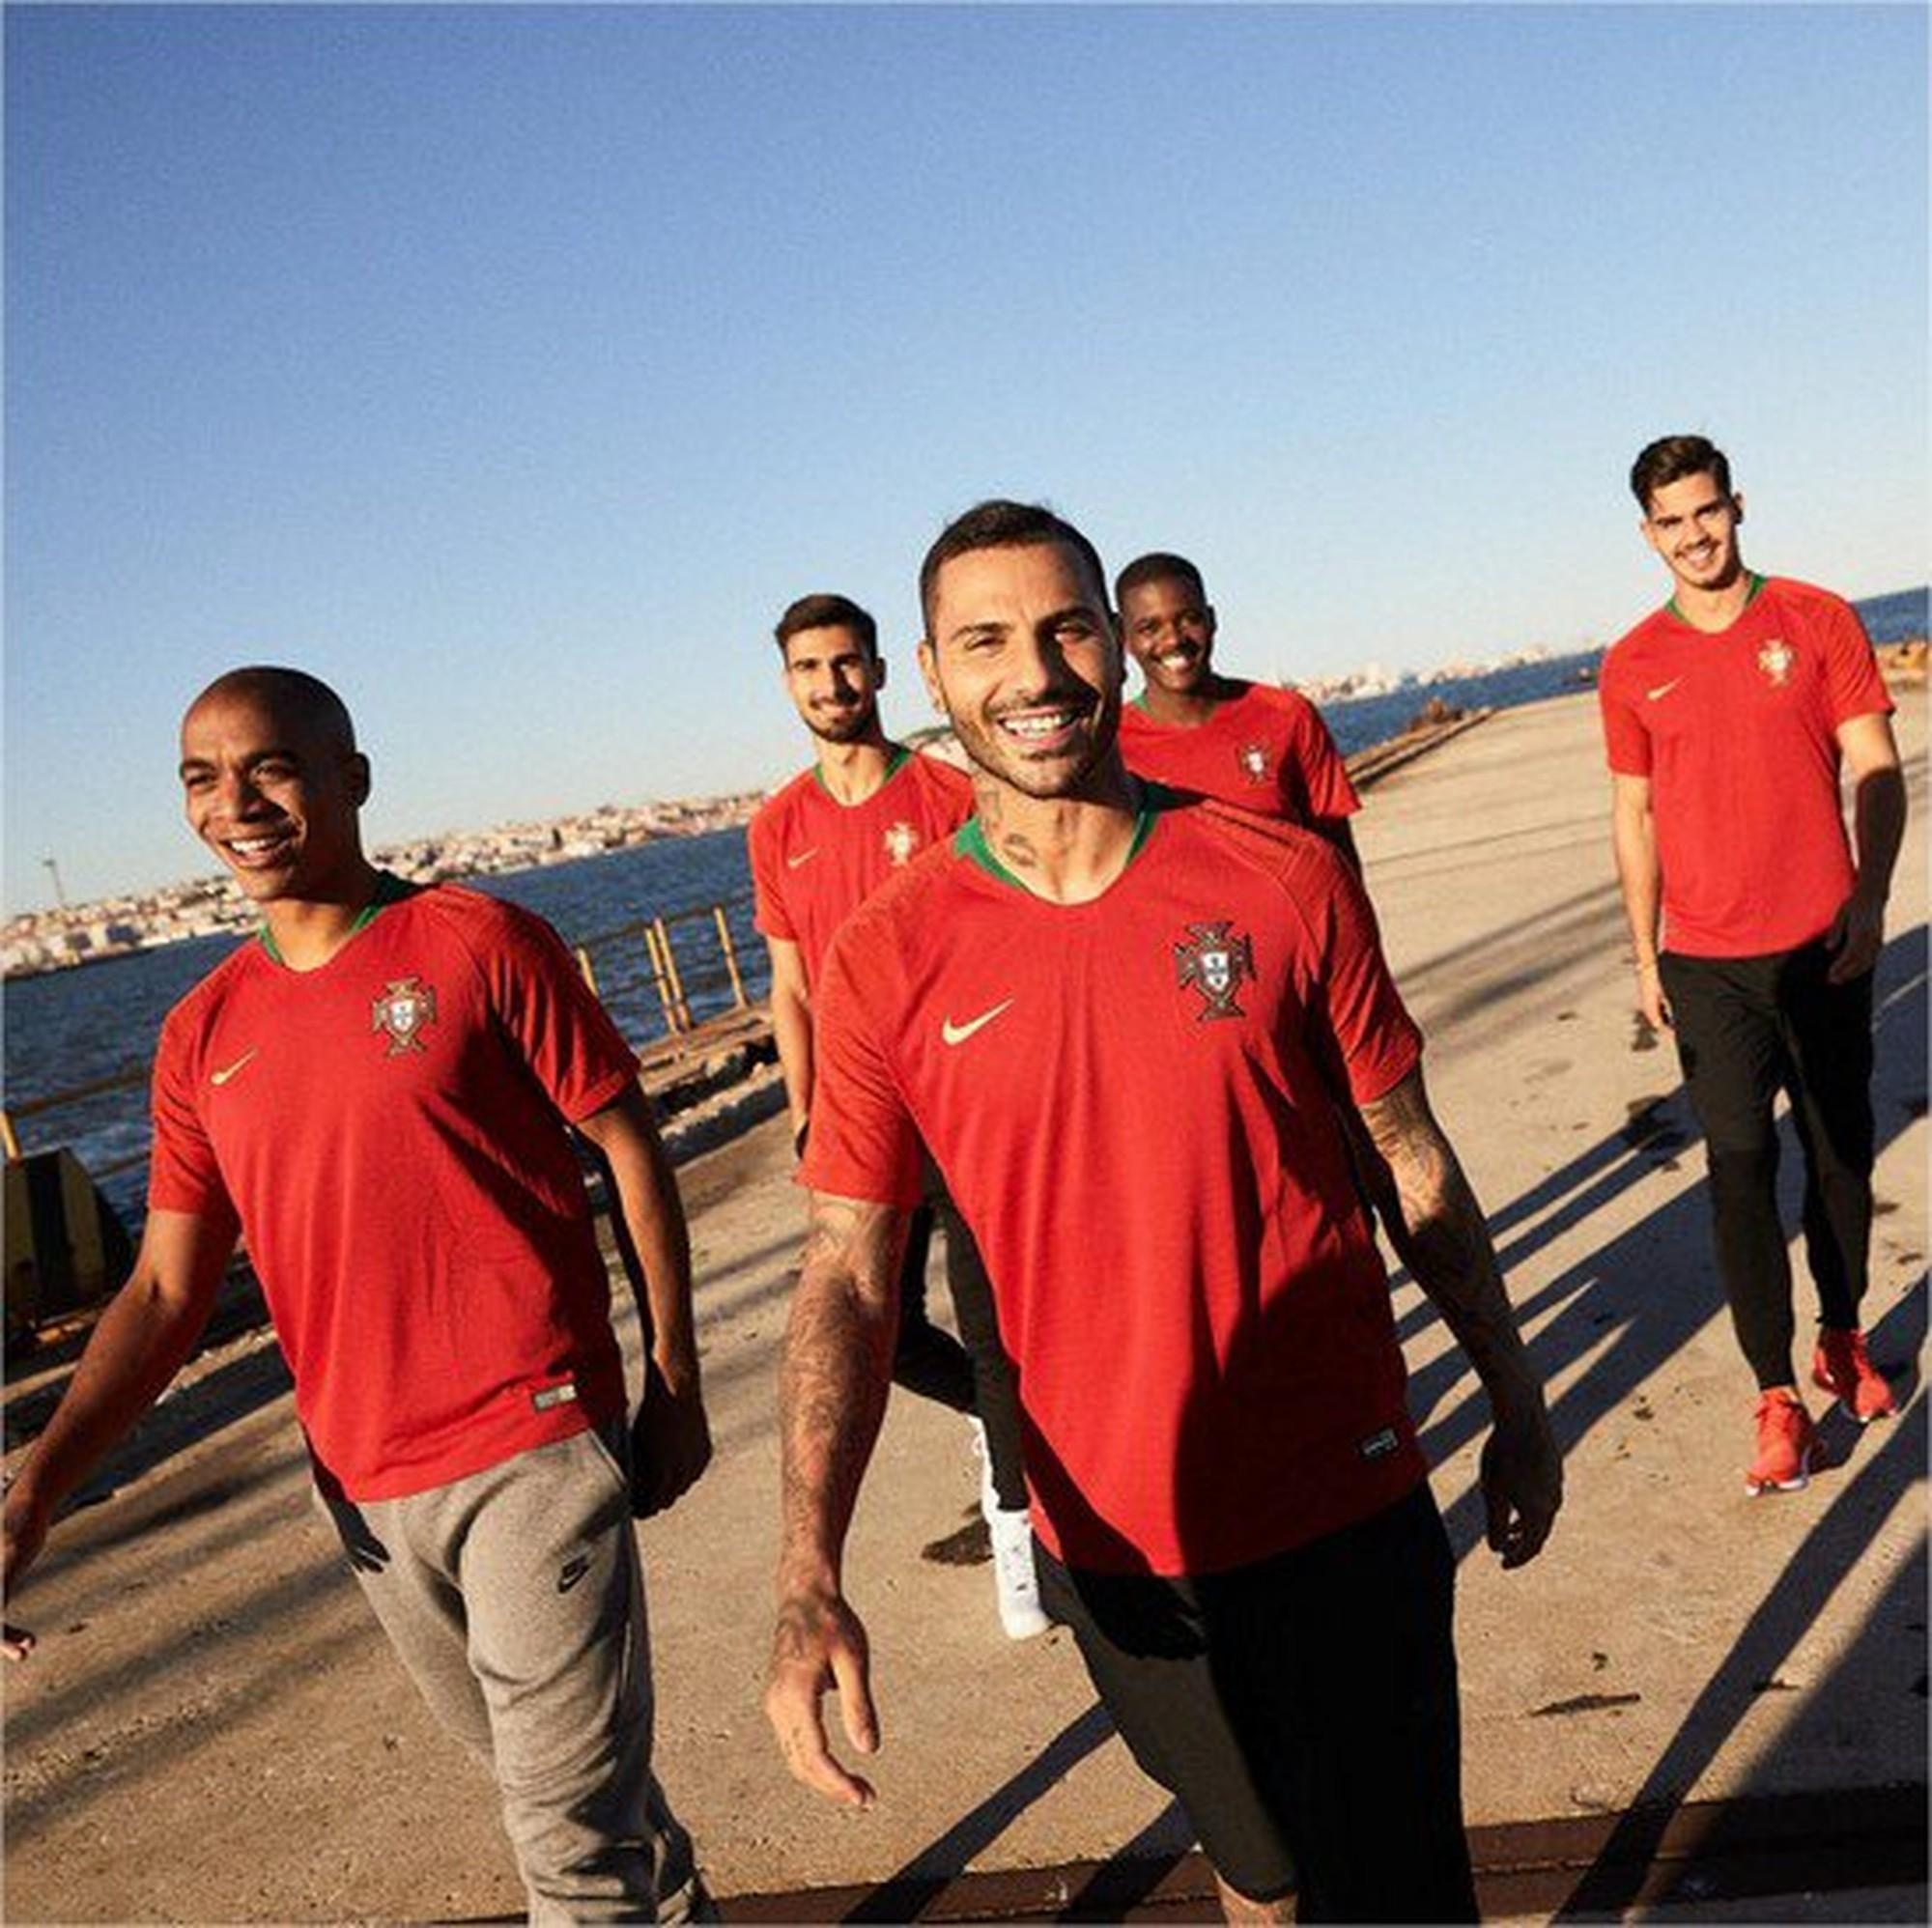 João Mário, André Gomes, William Carvalho, Ricardo Quaresma et André Silva posent avec le nouveaux maillot du Portugal (Photo: Divulga / Nike)